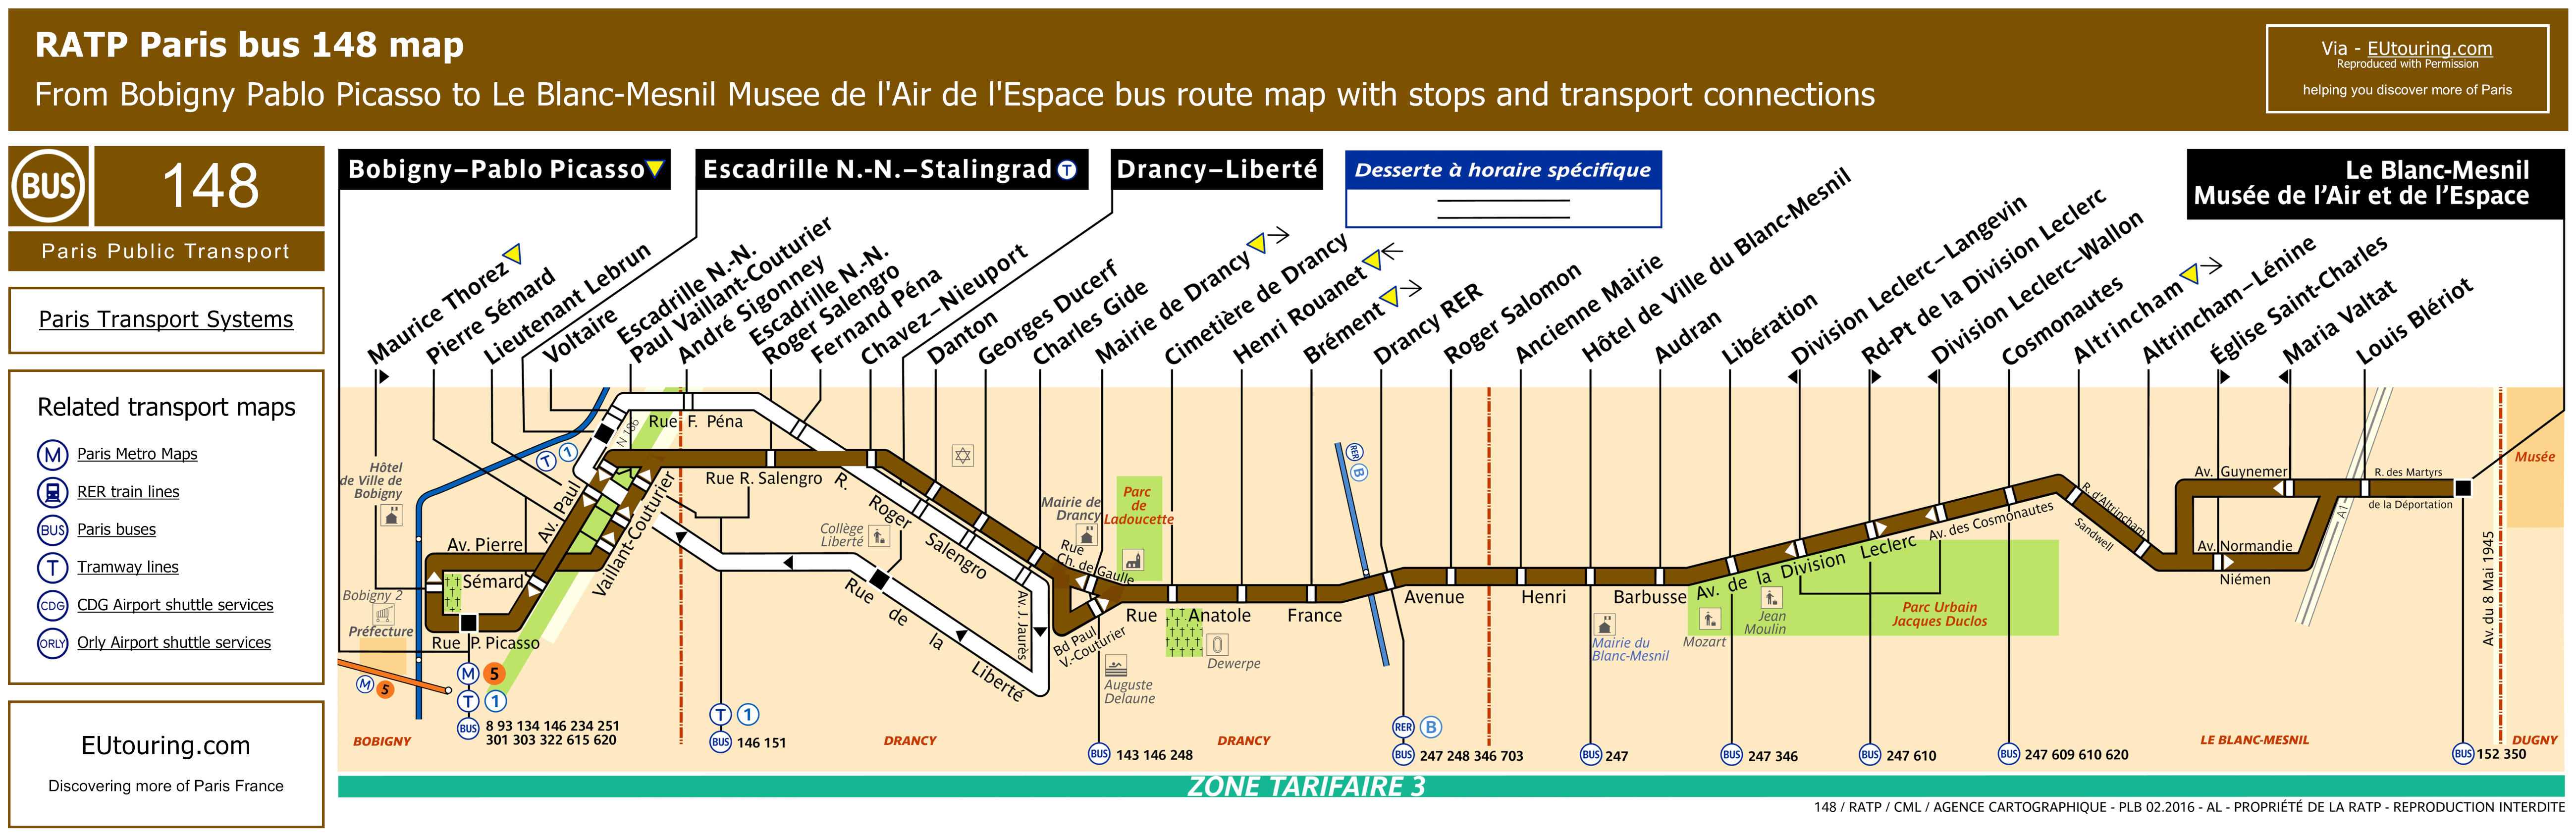 Ratp Bus Maps Timetables For Paris Bus Lines 140 To 149